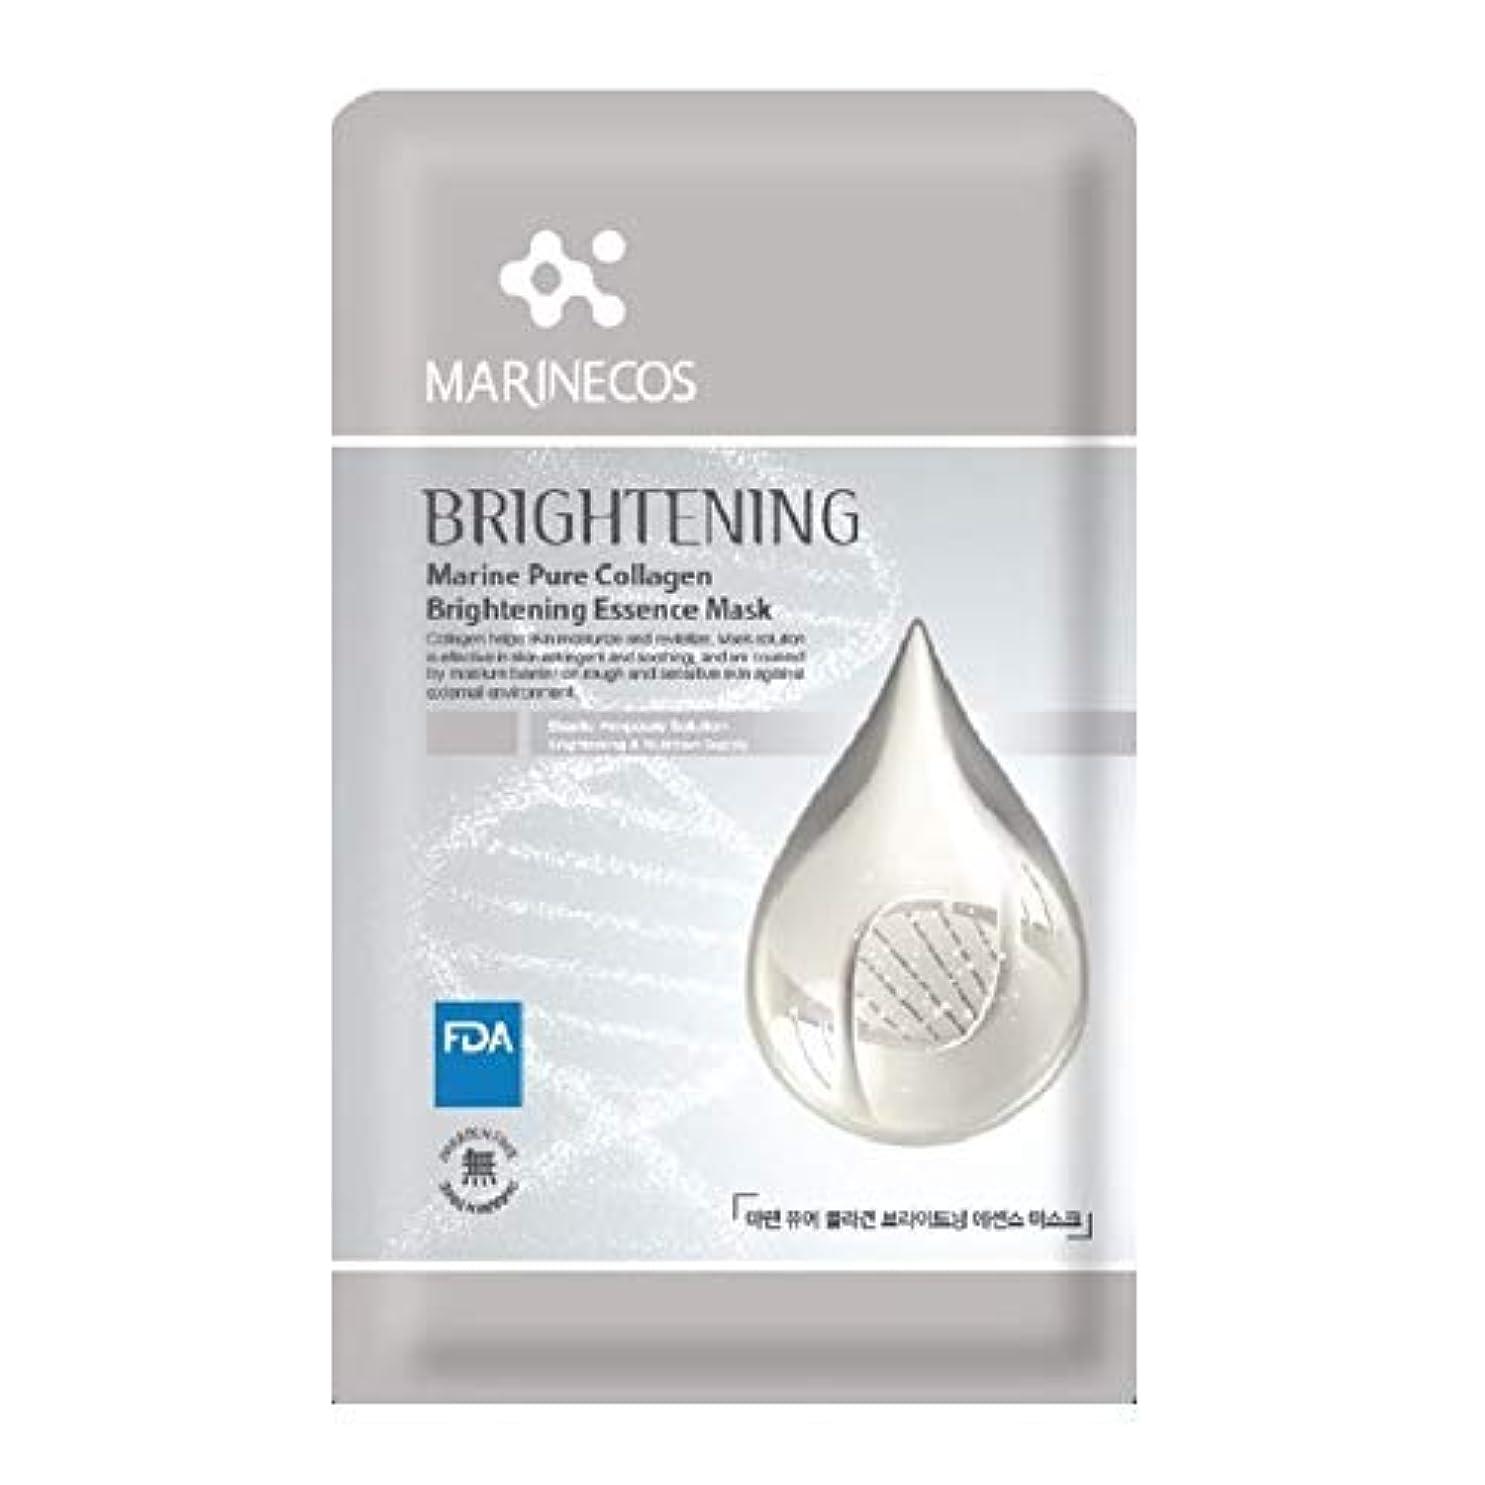 検索飢饉叙情的なKorea, Beauty, Marine Pure Collagen Brightening Essence Mask 10 Sheets 1 Case 韓国ネーチャー コスメ ビューティー 韓国マスクシート